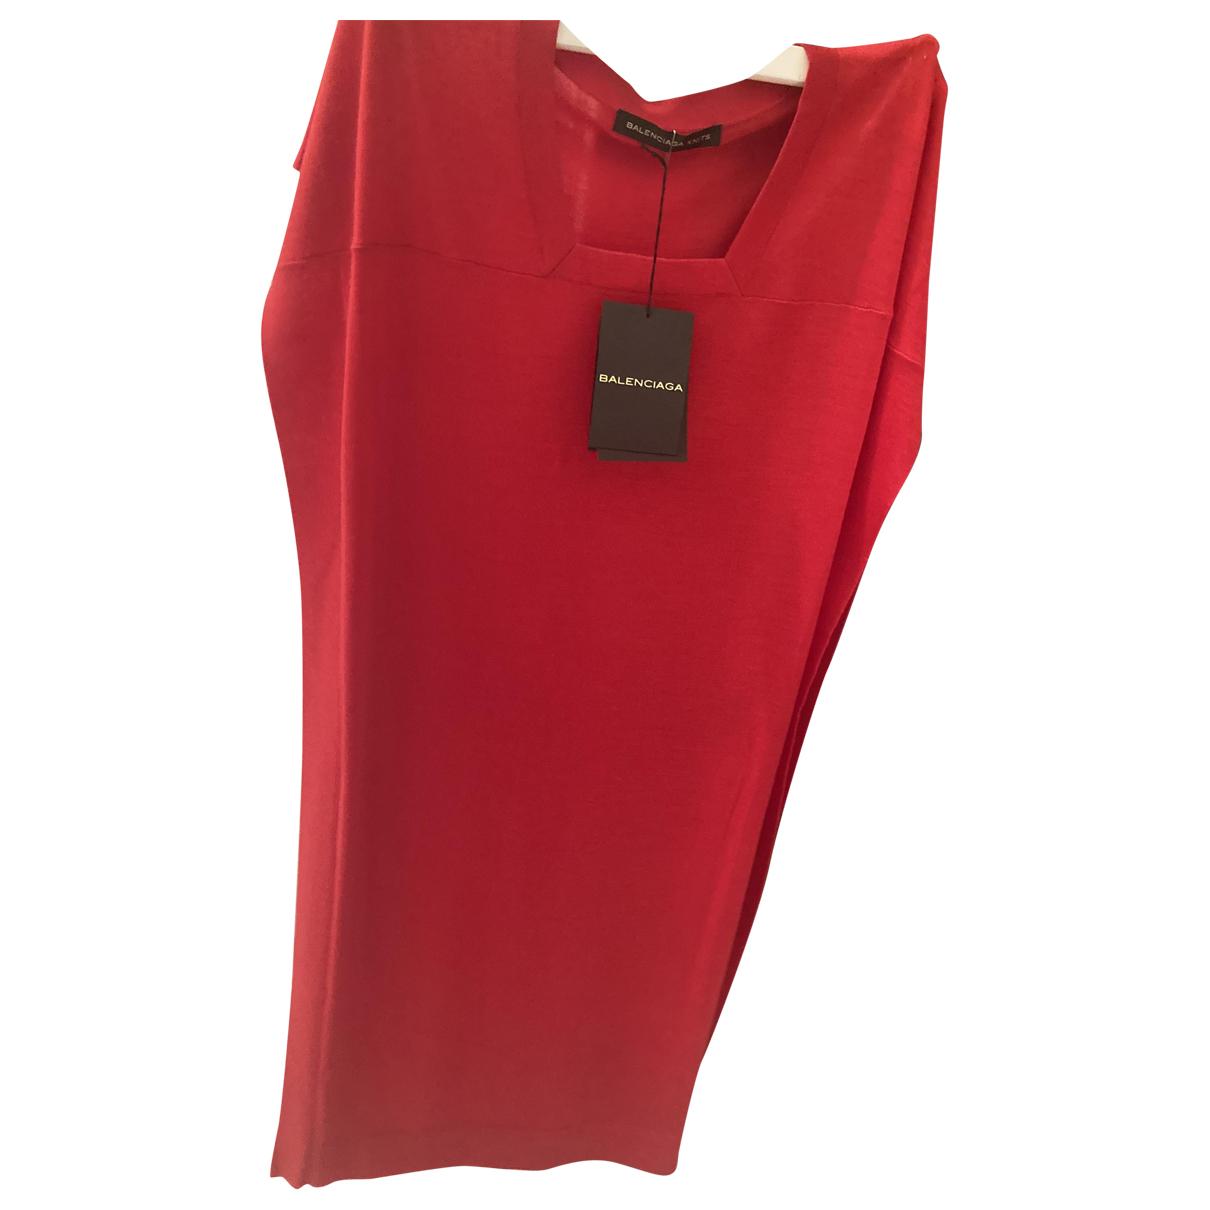 Balenciaga - Robe   pour femme en cachemire - rouge